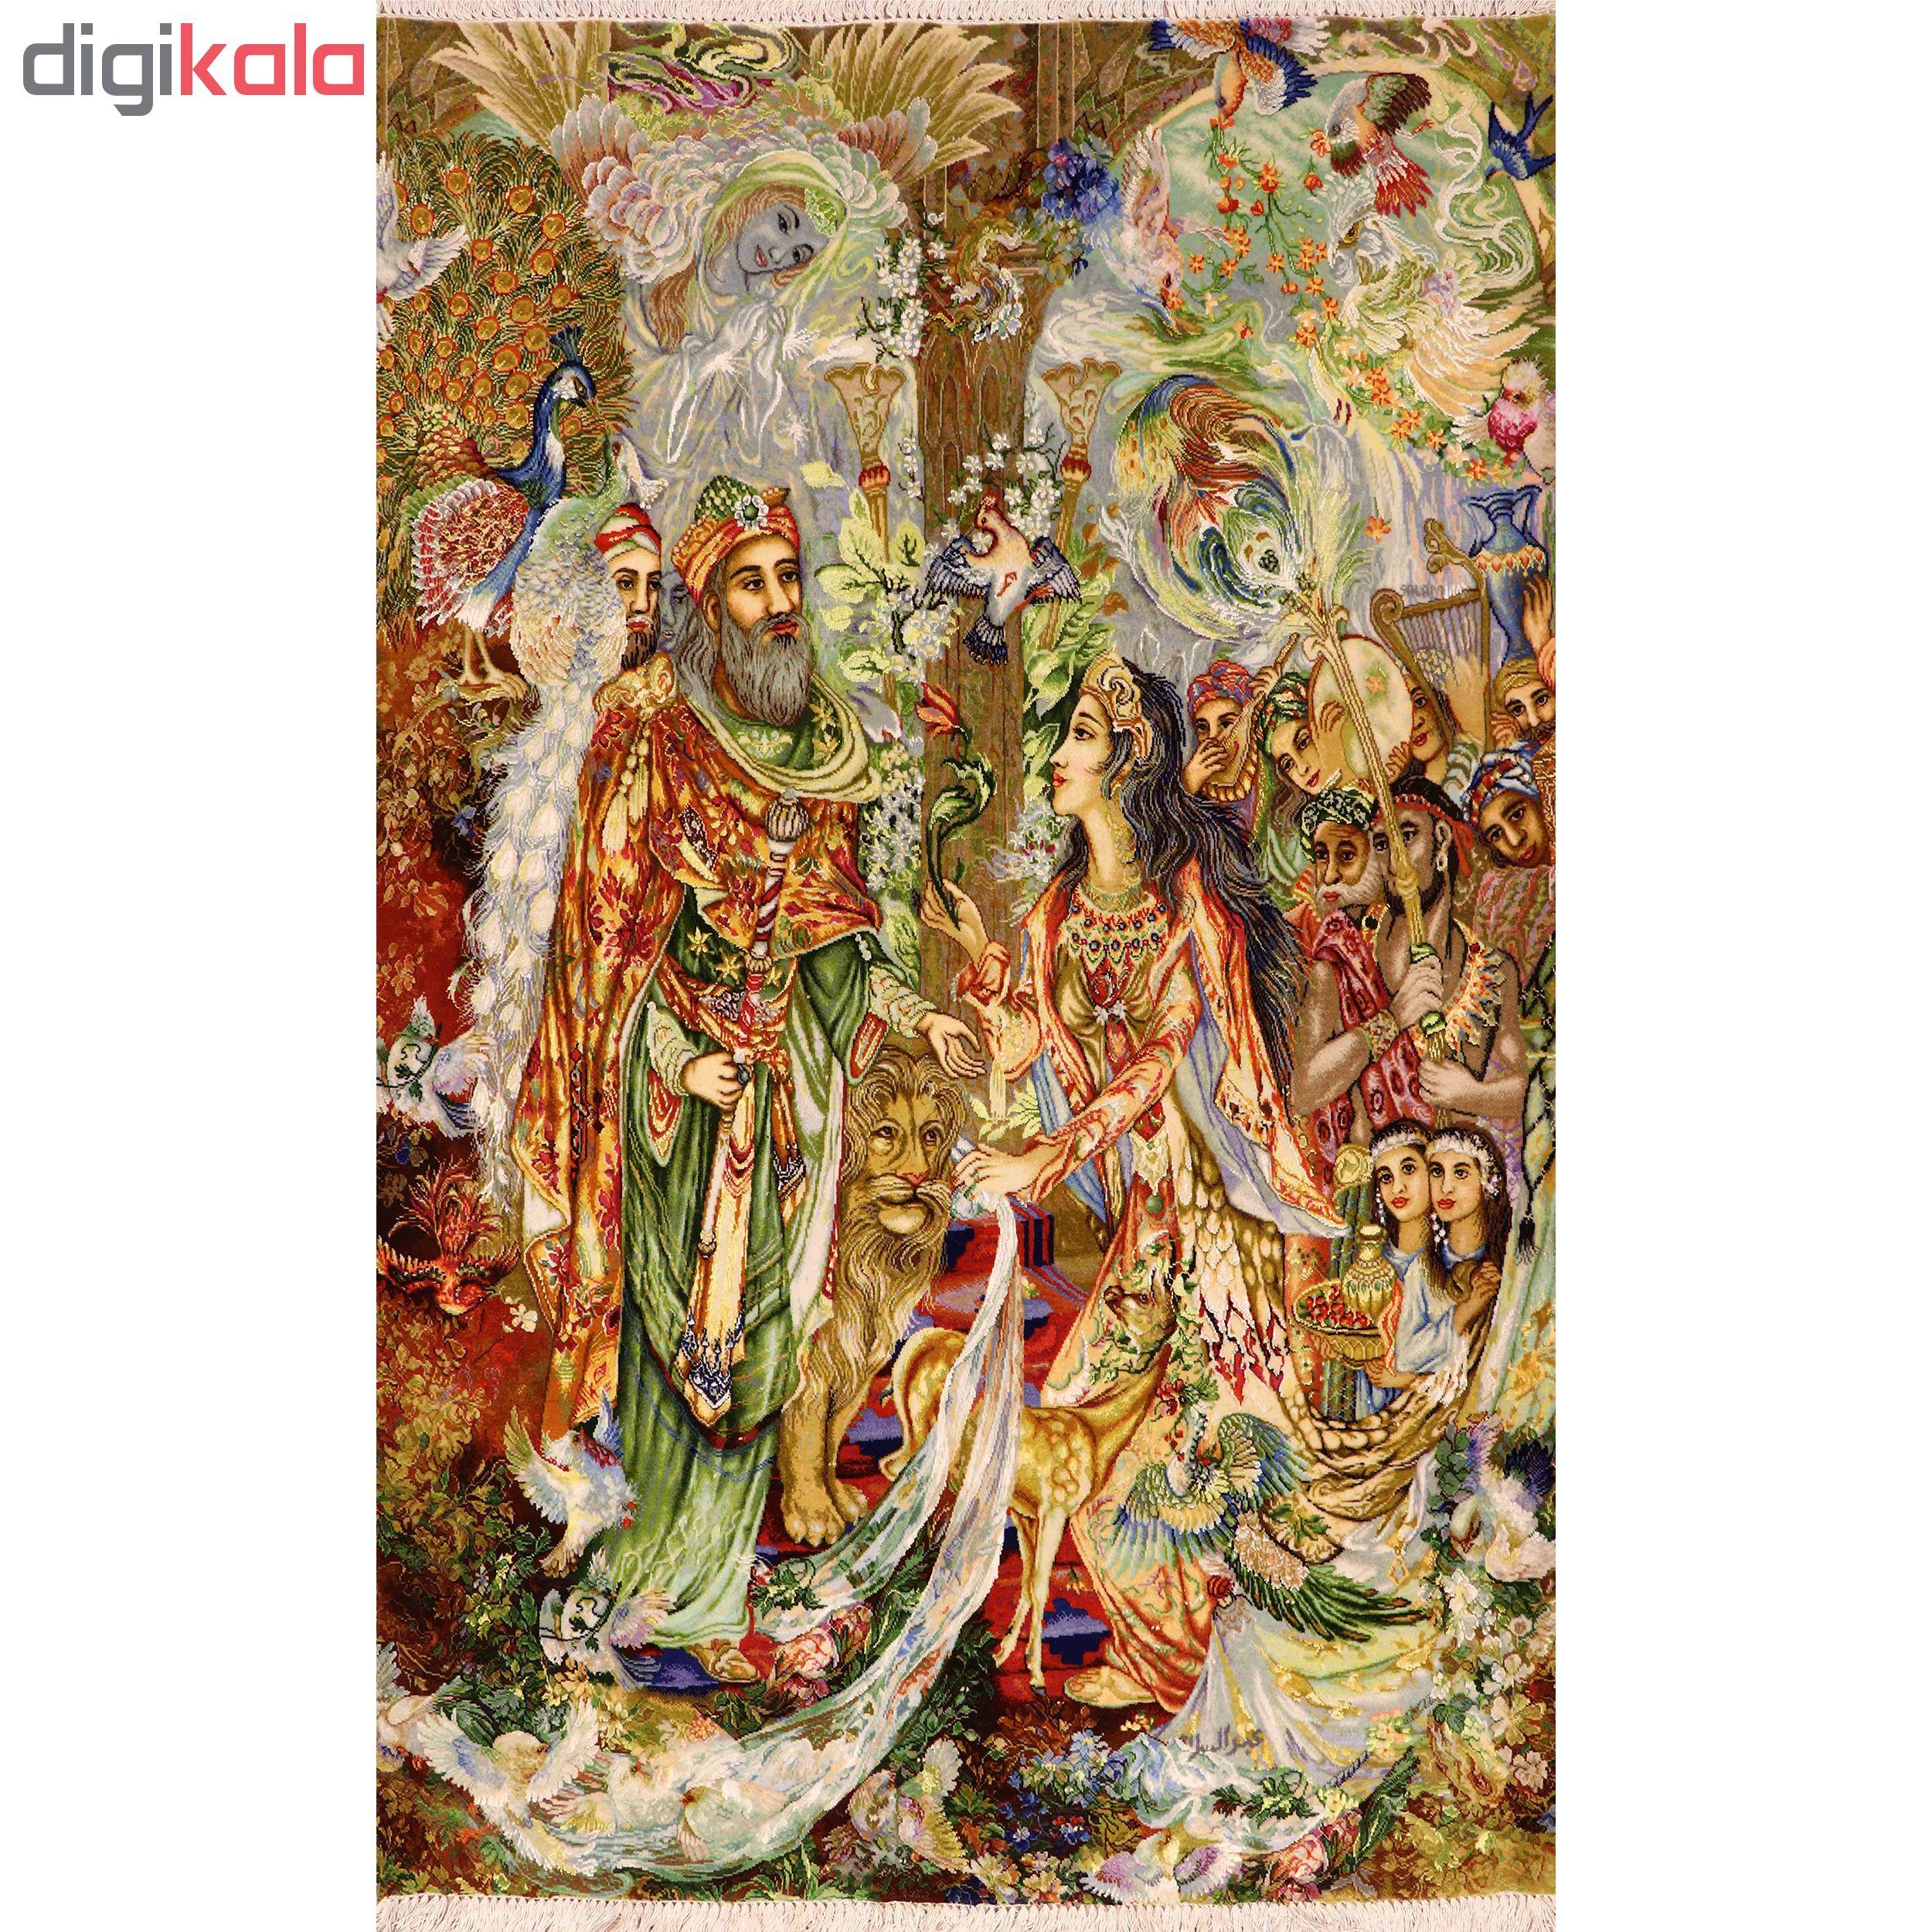 فرش دستباف دیوارکوب آنافرش طرح مینیاتور حضرت سلیمان کد 11320